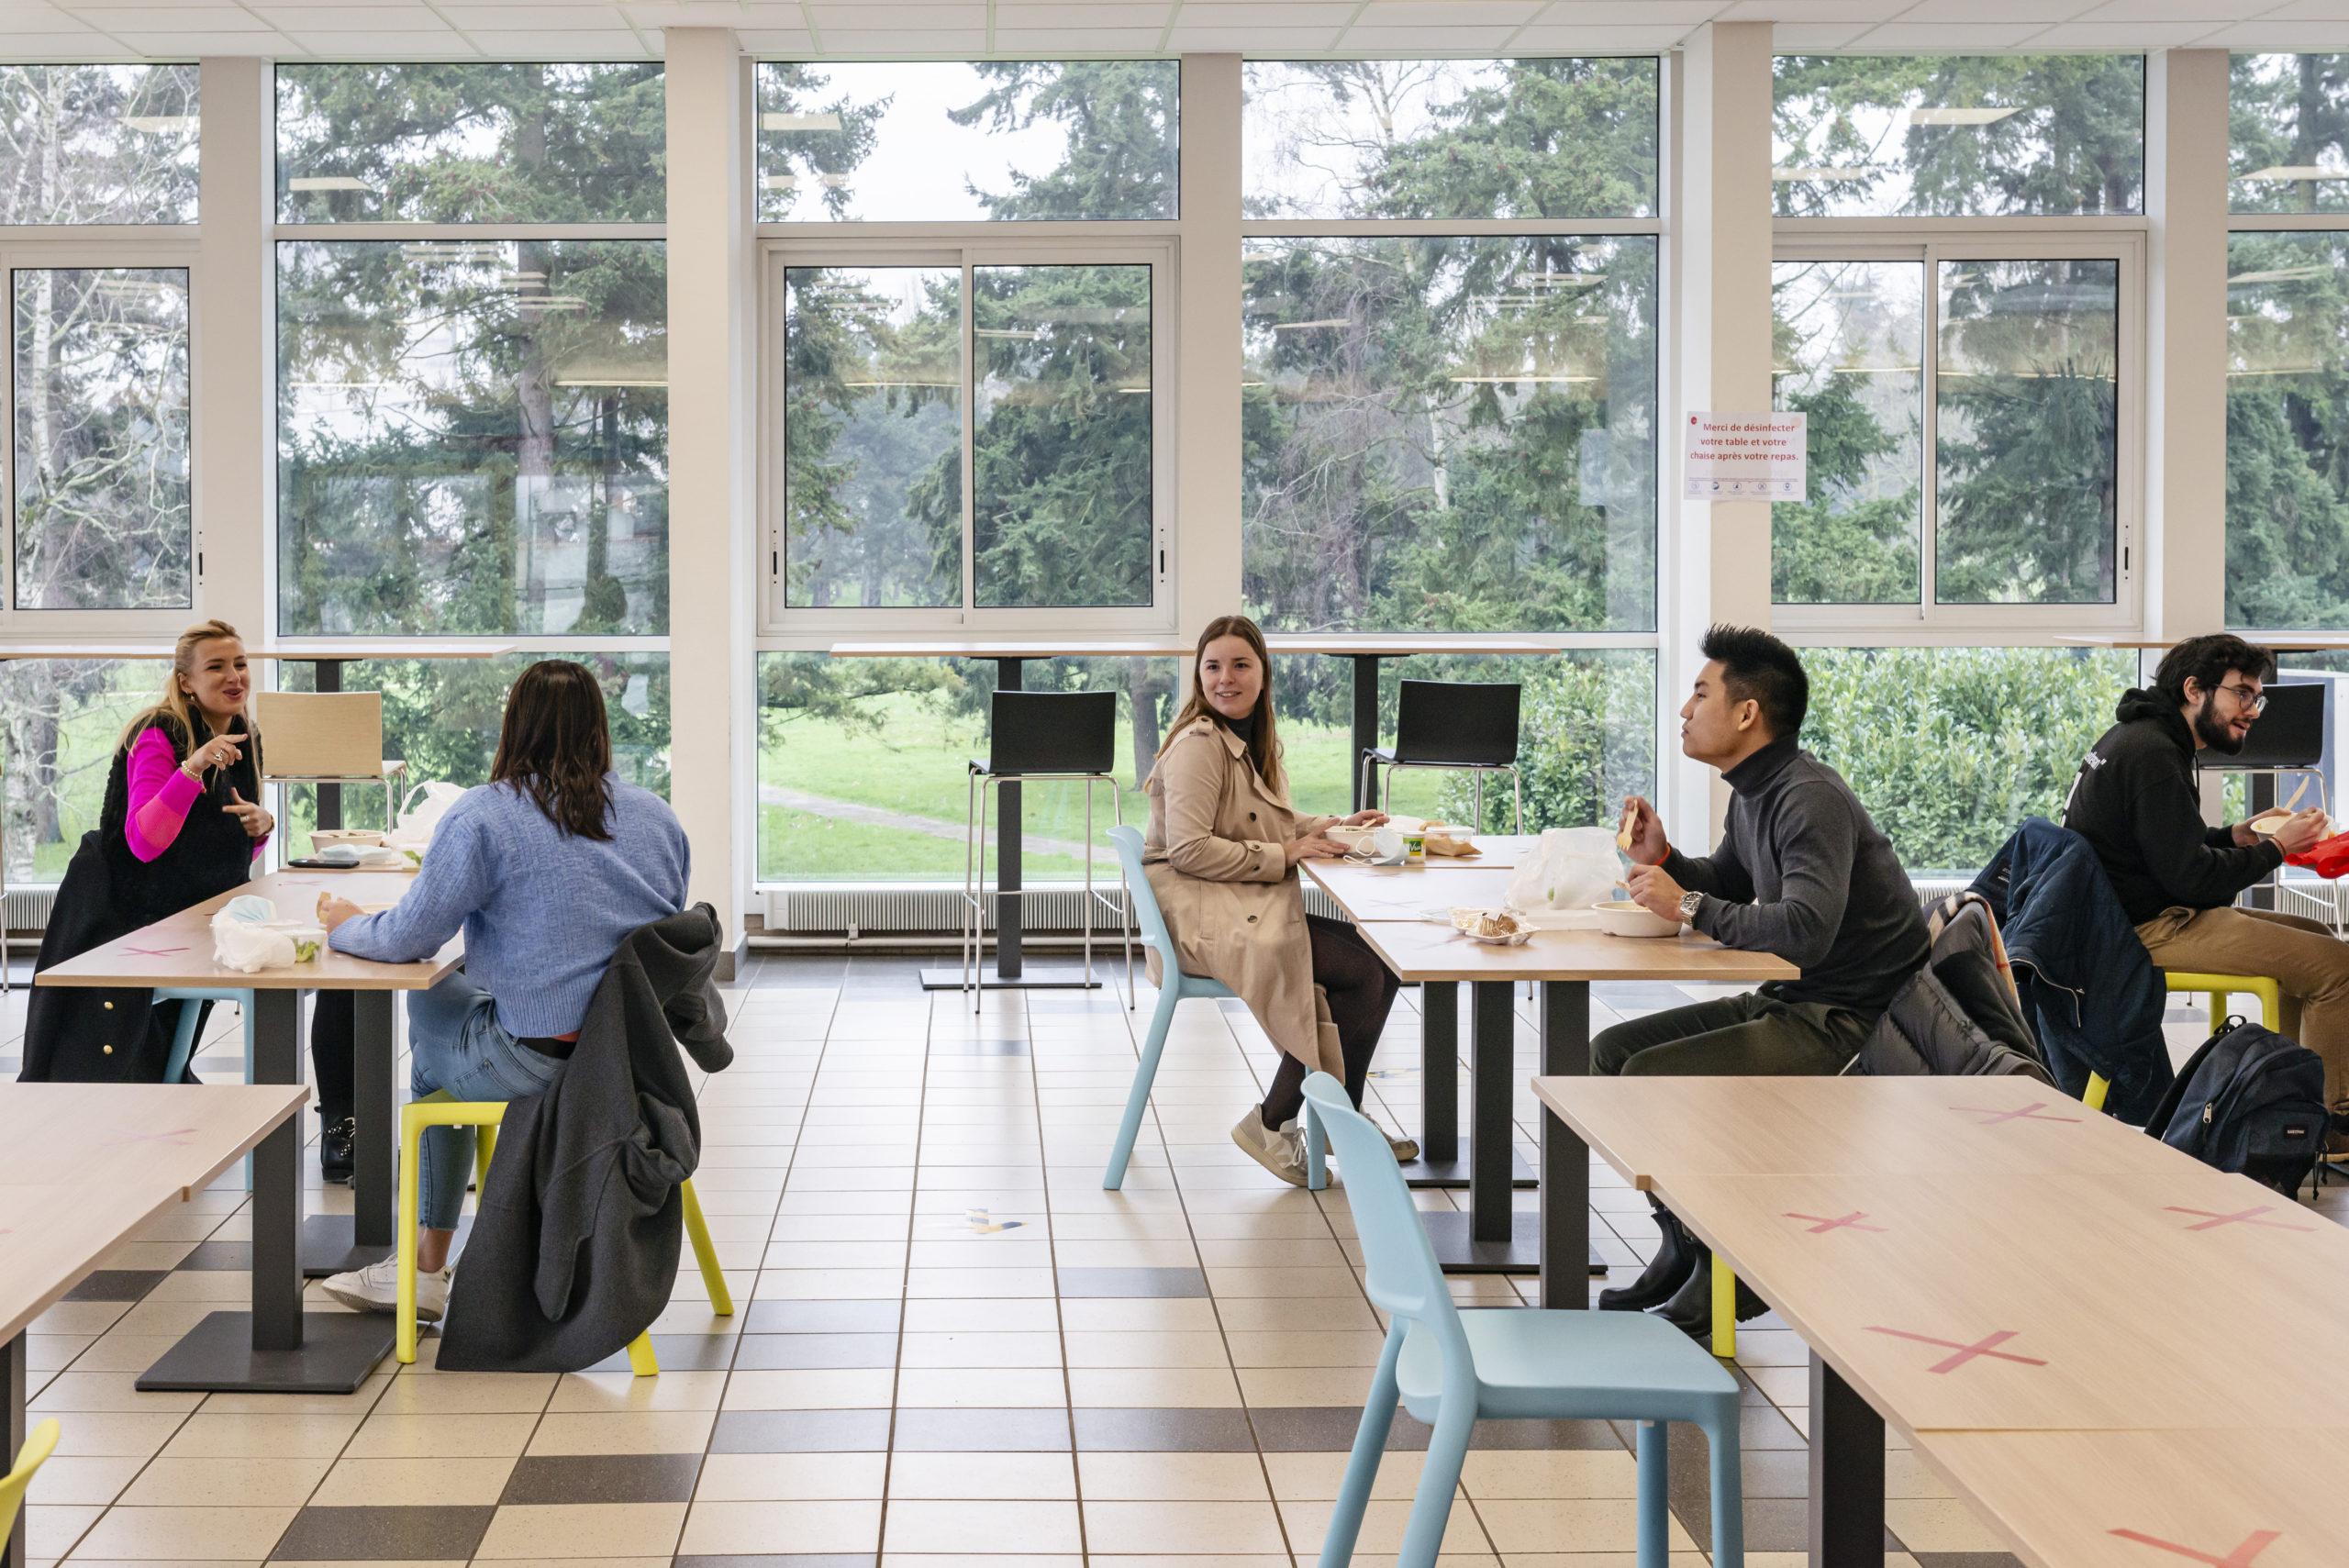 Pour la première fois depuis plusieurs mois, les étudiants prennent leur repas au restaurant universitaire du Crous de Poitiers. Ils doivent respecter une distance de deux mètres entre chacun d'eux. Poutiers, France, 10 février 2021.